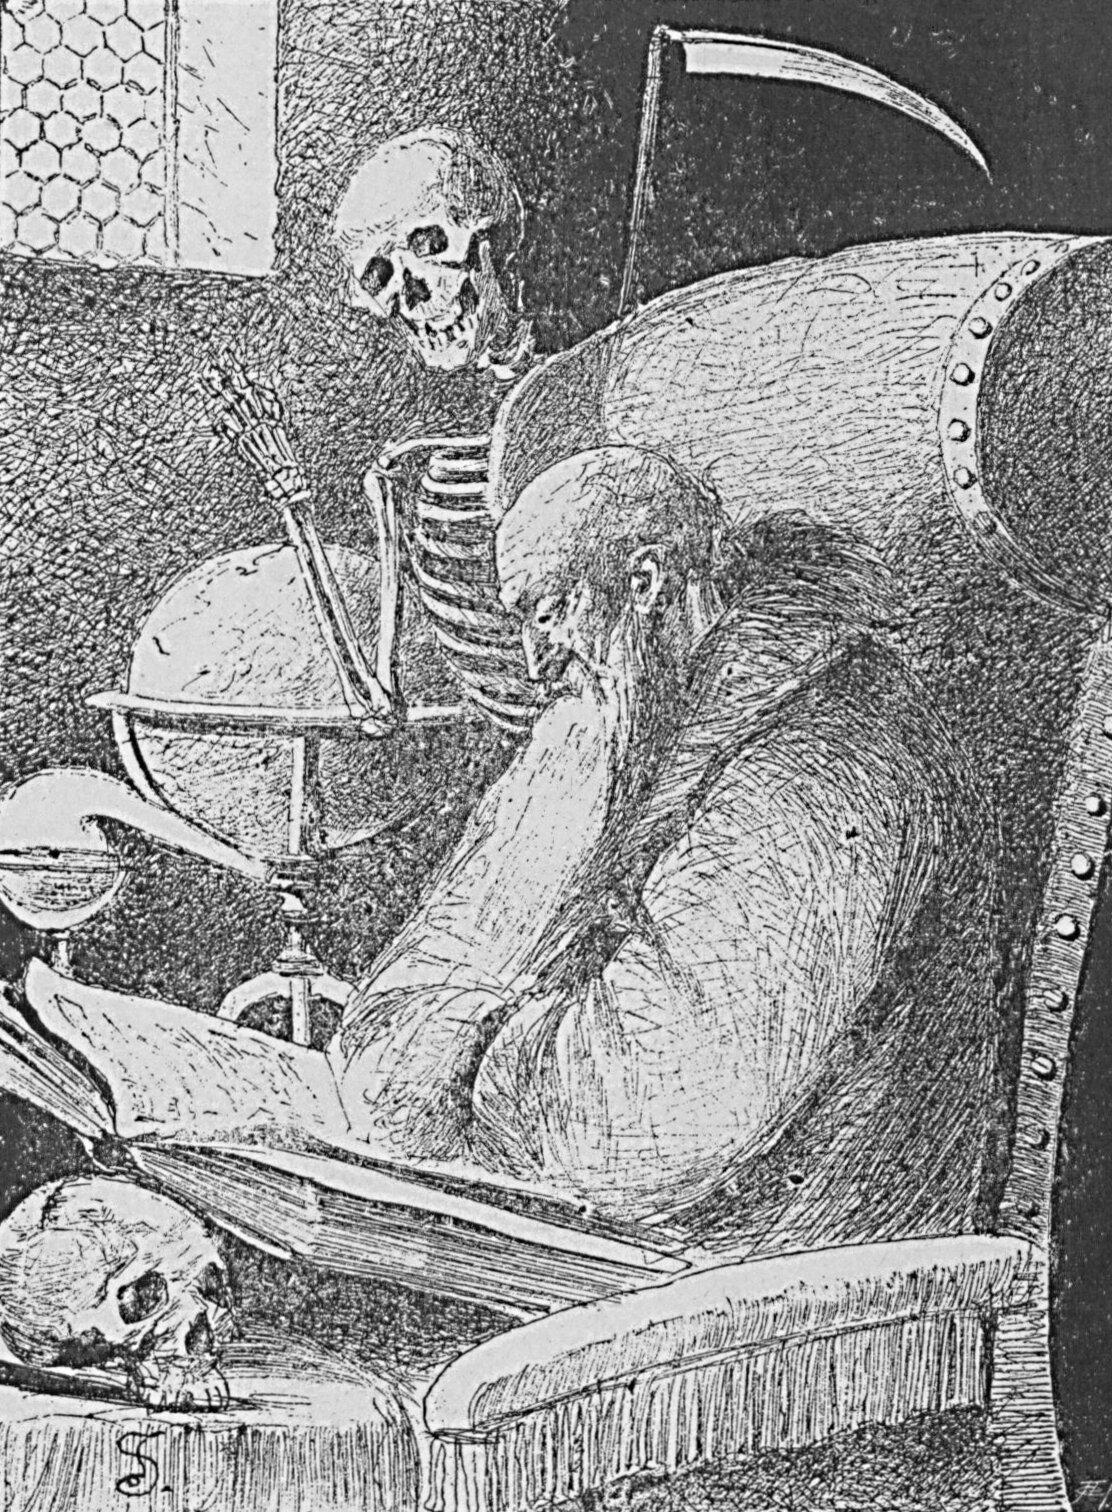 Bajki I. Krasickiego ilustrowane (Filozof) Źródło: Józef Wincenty Kruszewski, Bajki I. Krasickiego ilustrowane (Filozof), 1886, domena publiczna.